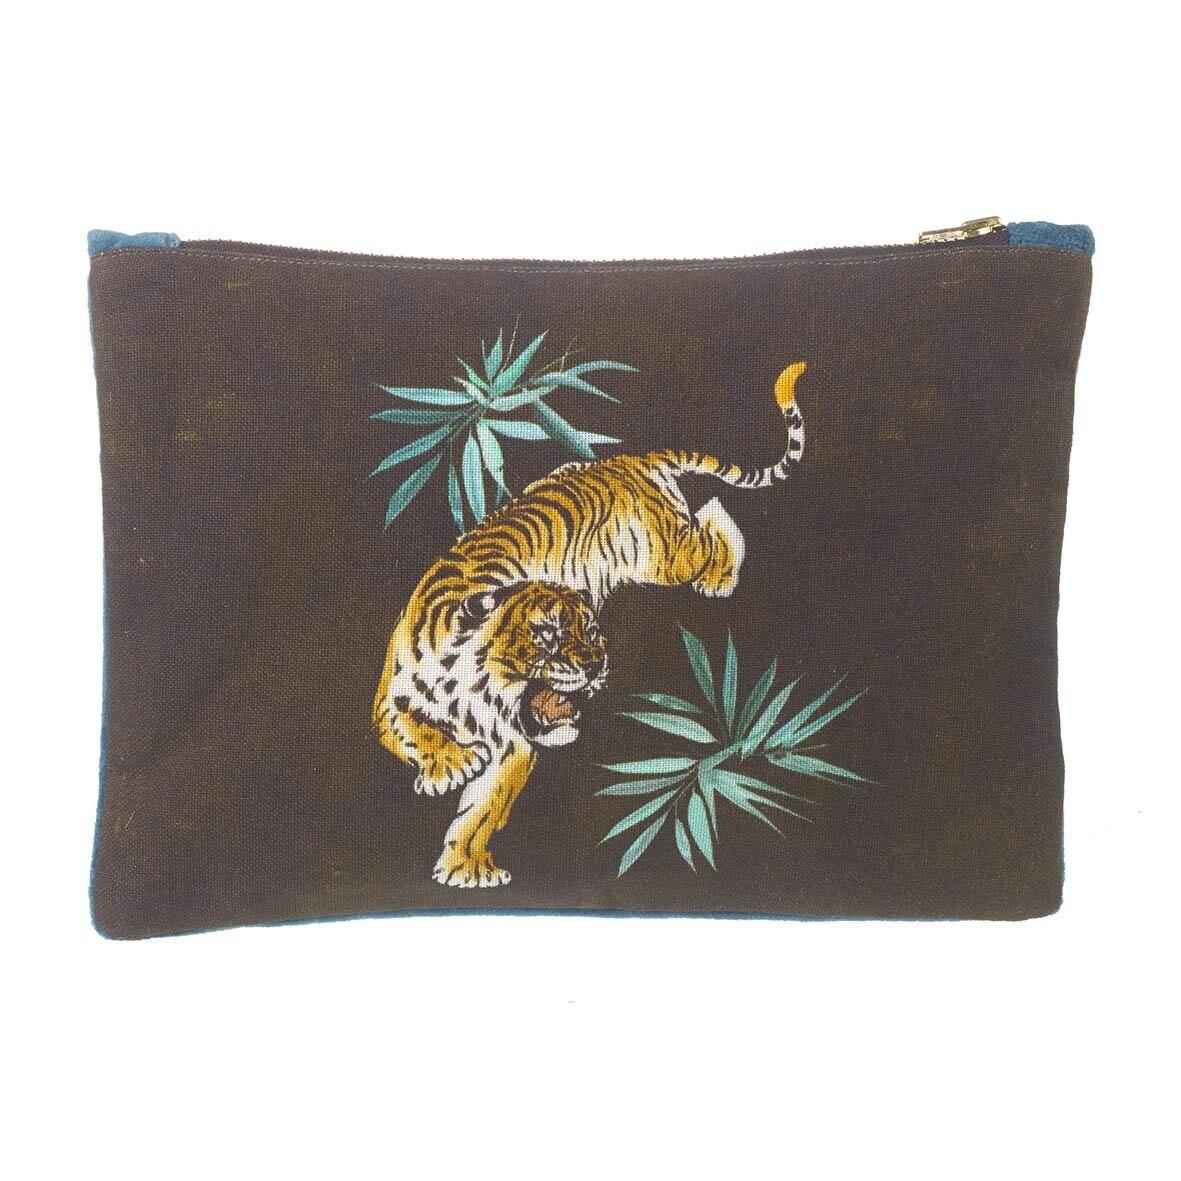 Stalking Tiger Cotton Bag - Black/Teal